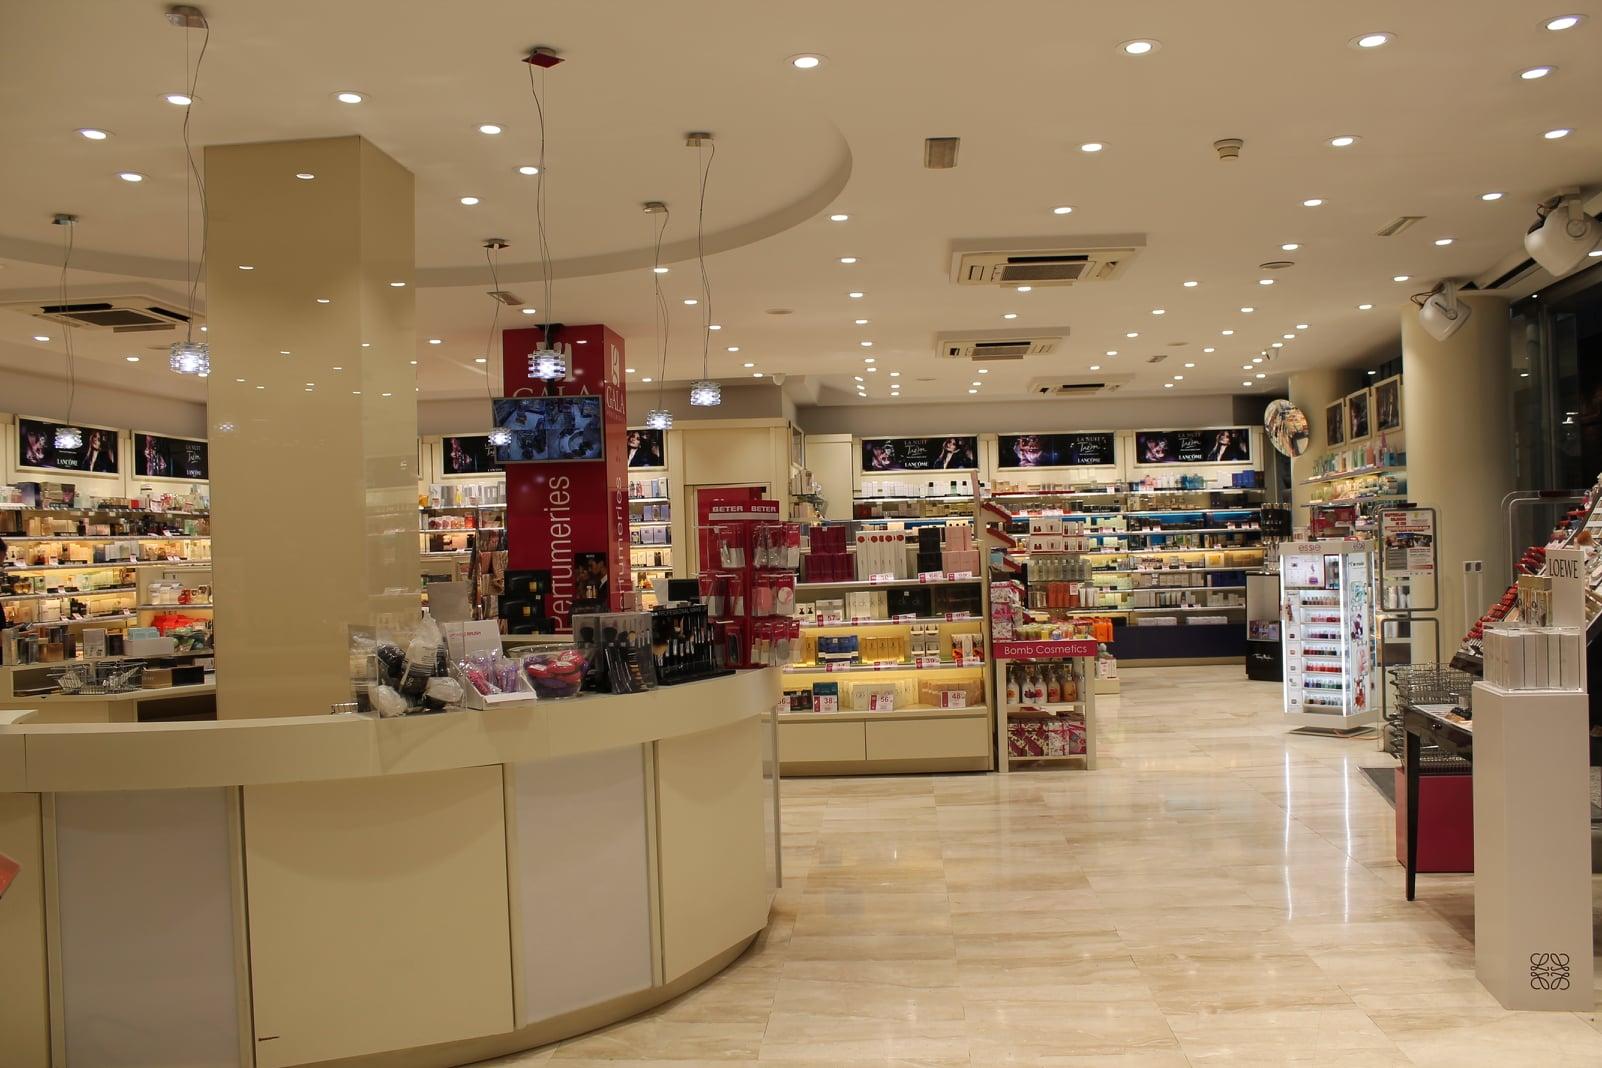 perfumerias-gala-andorra-perfumes-maquillaje-tratamientos-cremas